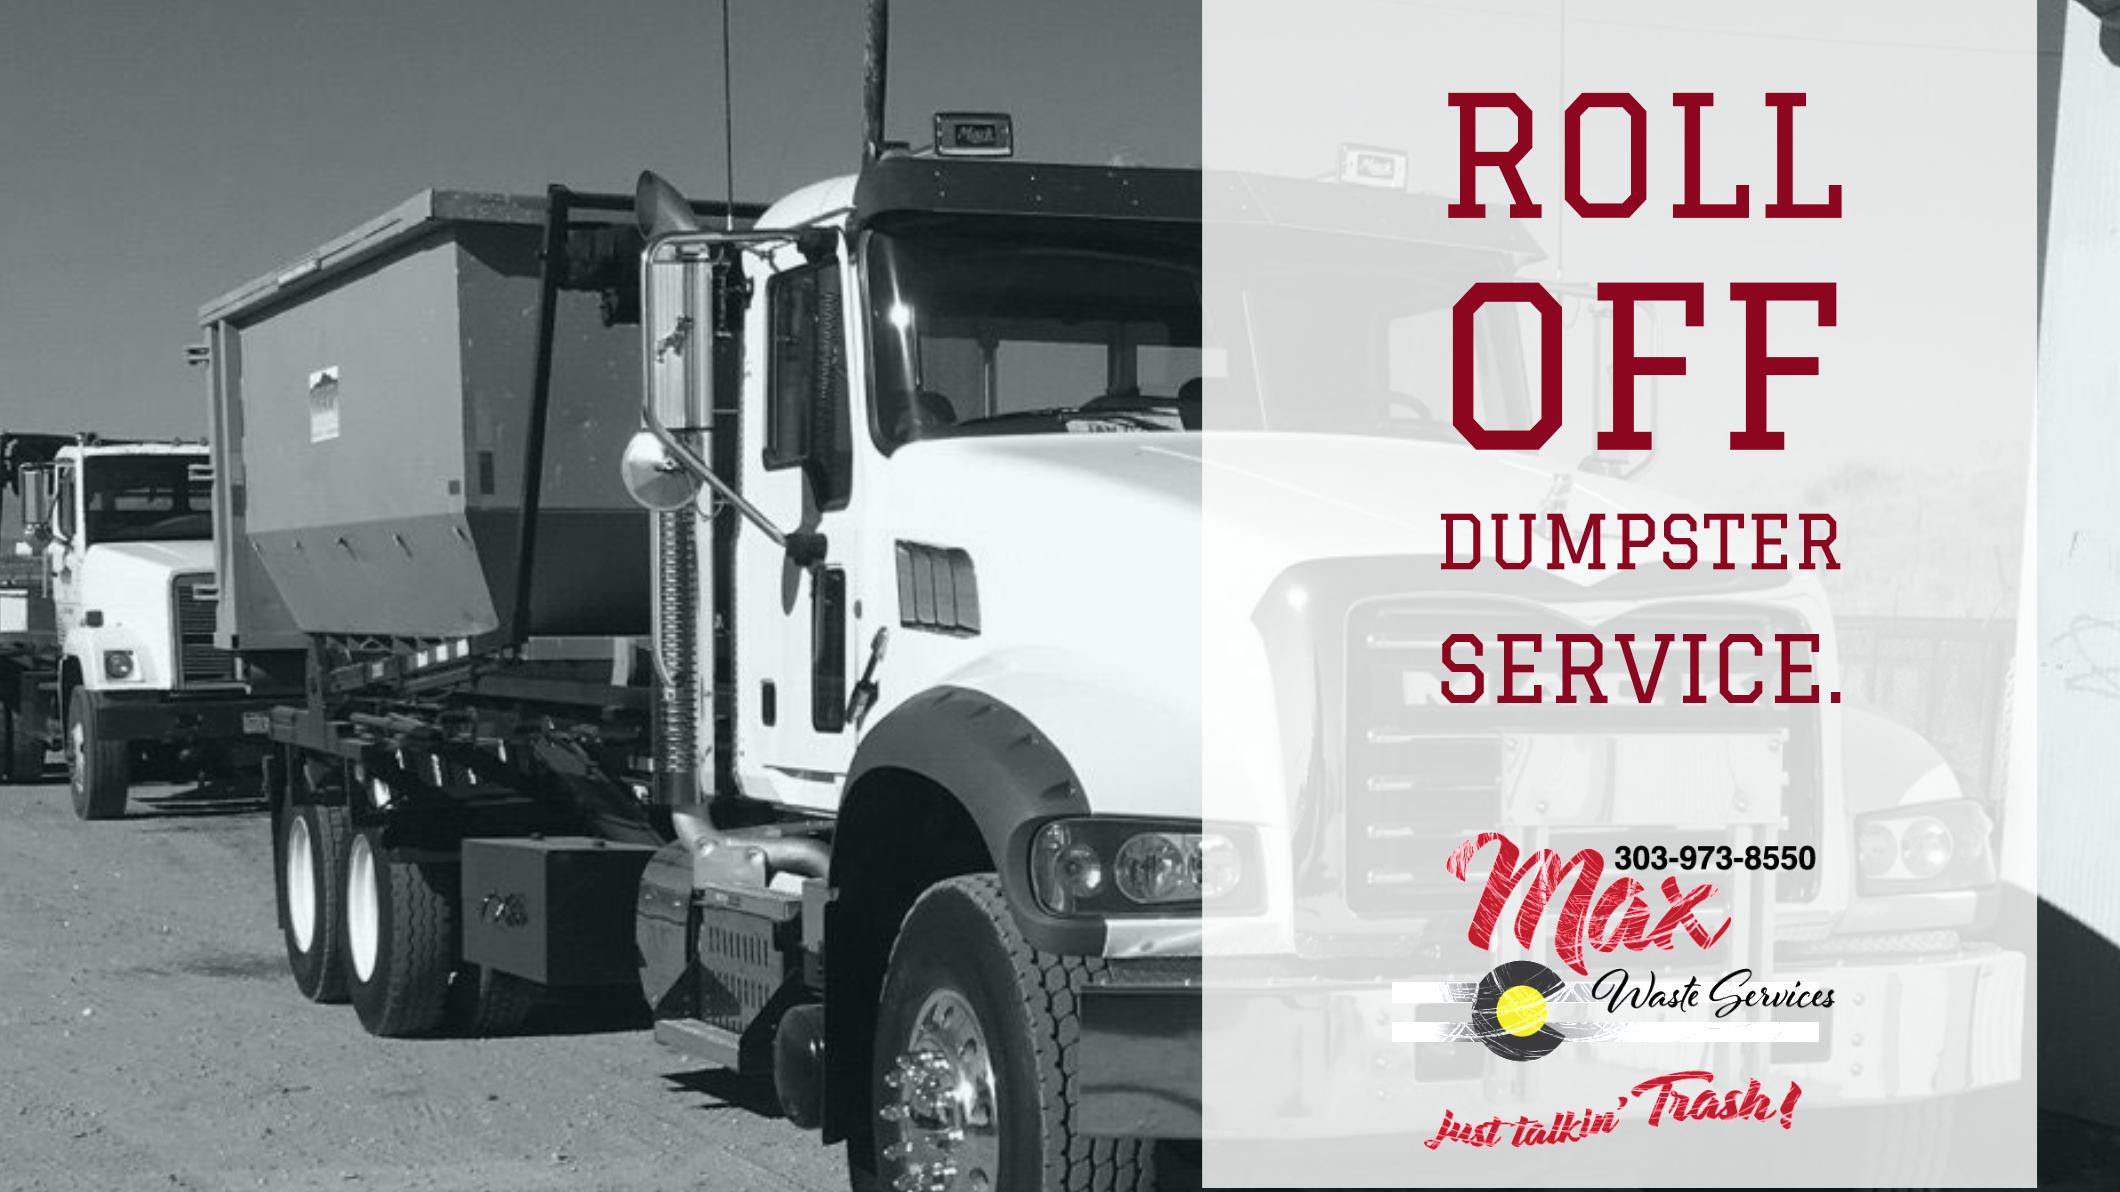 20 Yard Dumpster Rental Denver, CO   Roll Off Dumpster Rental